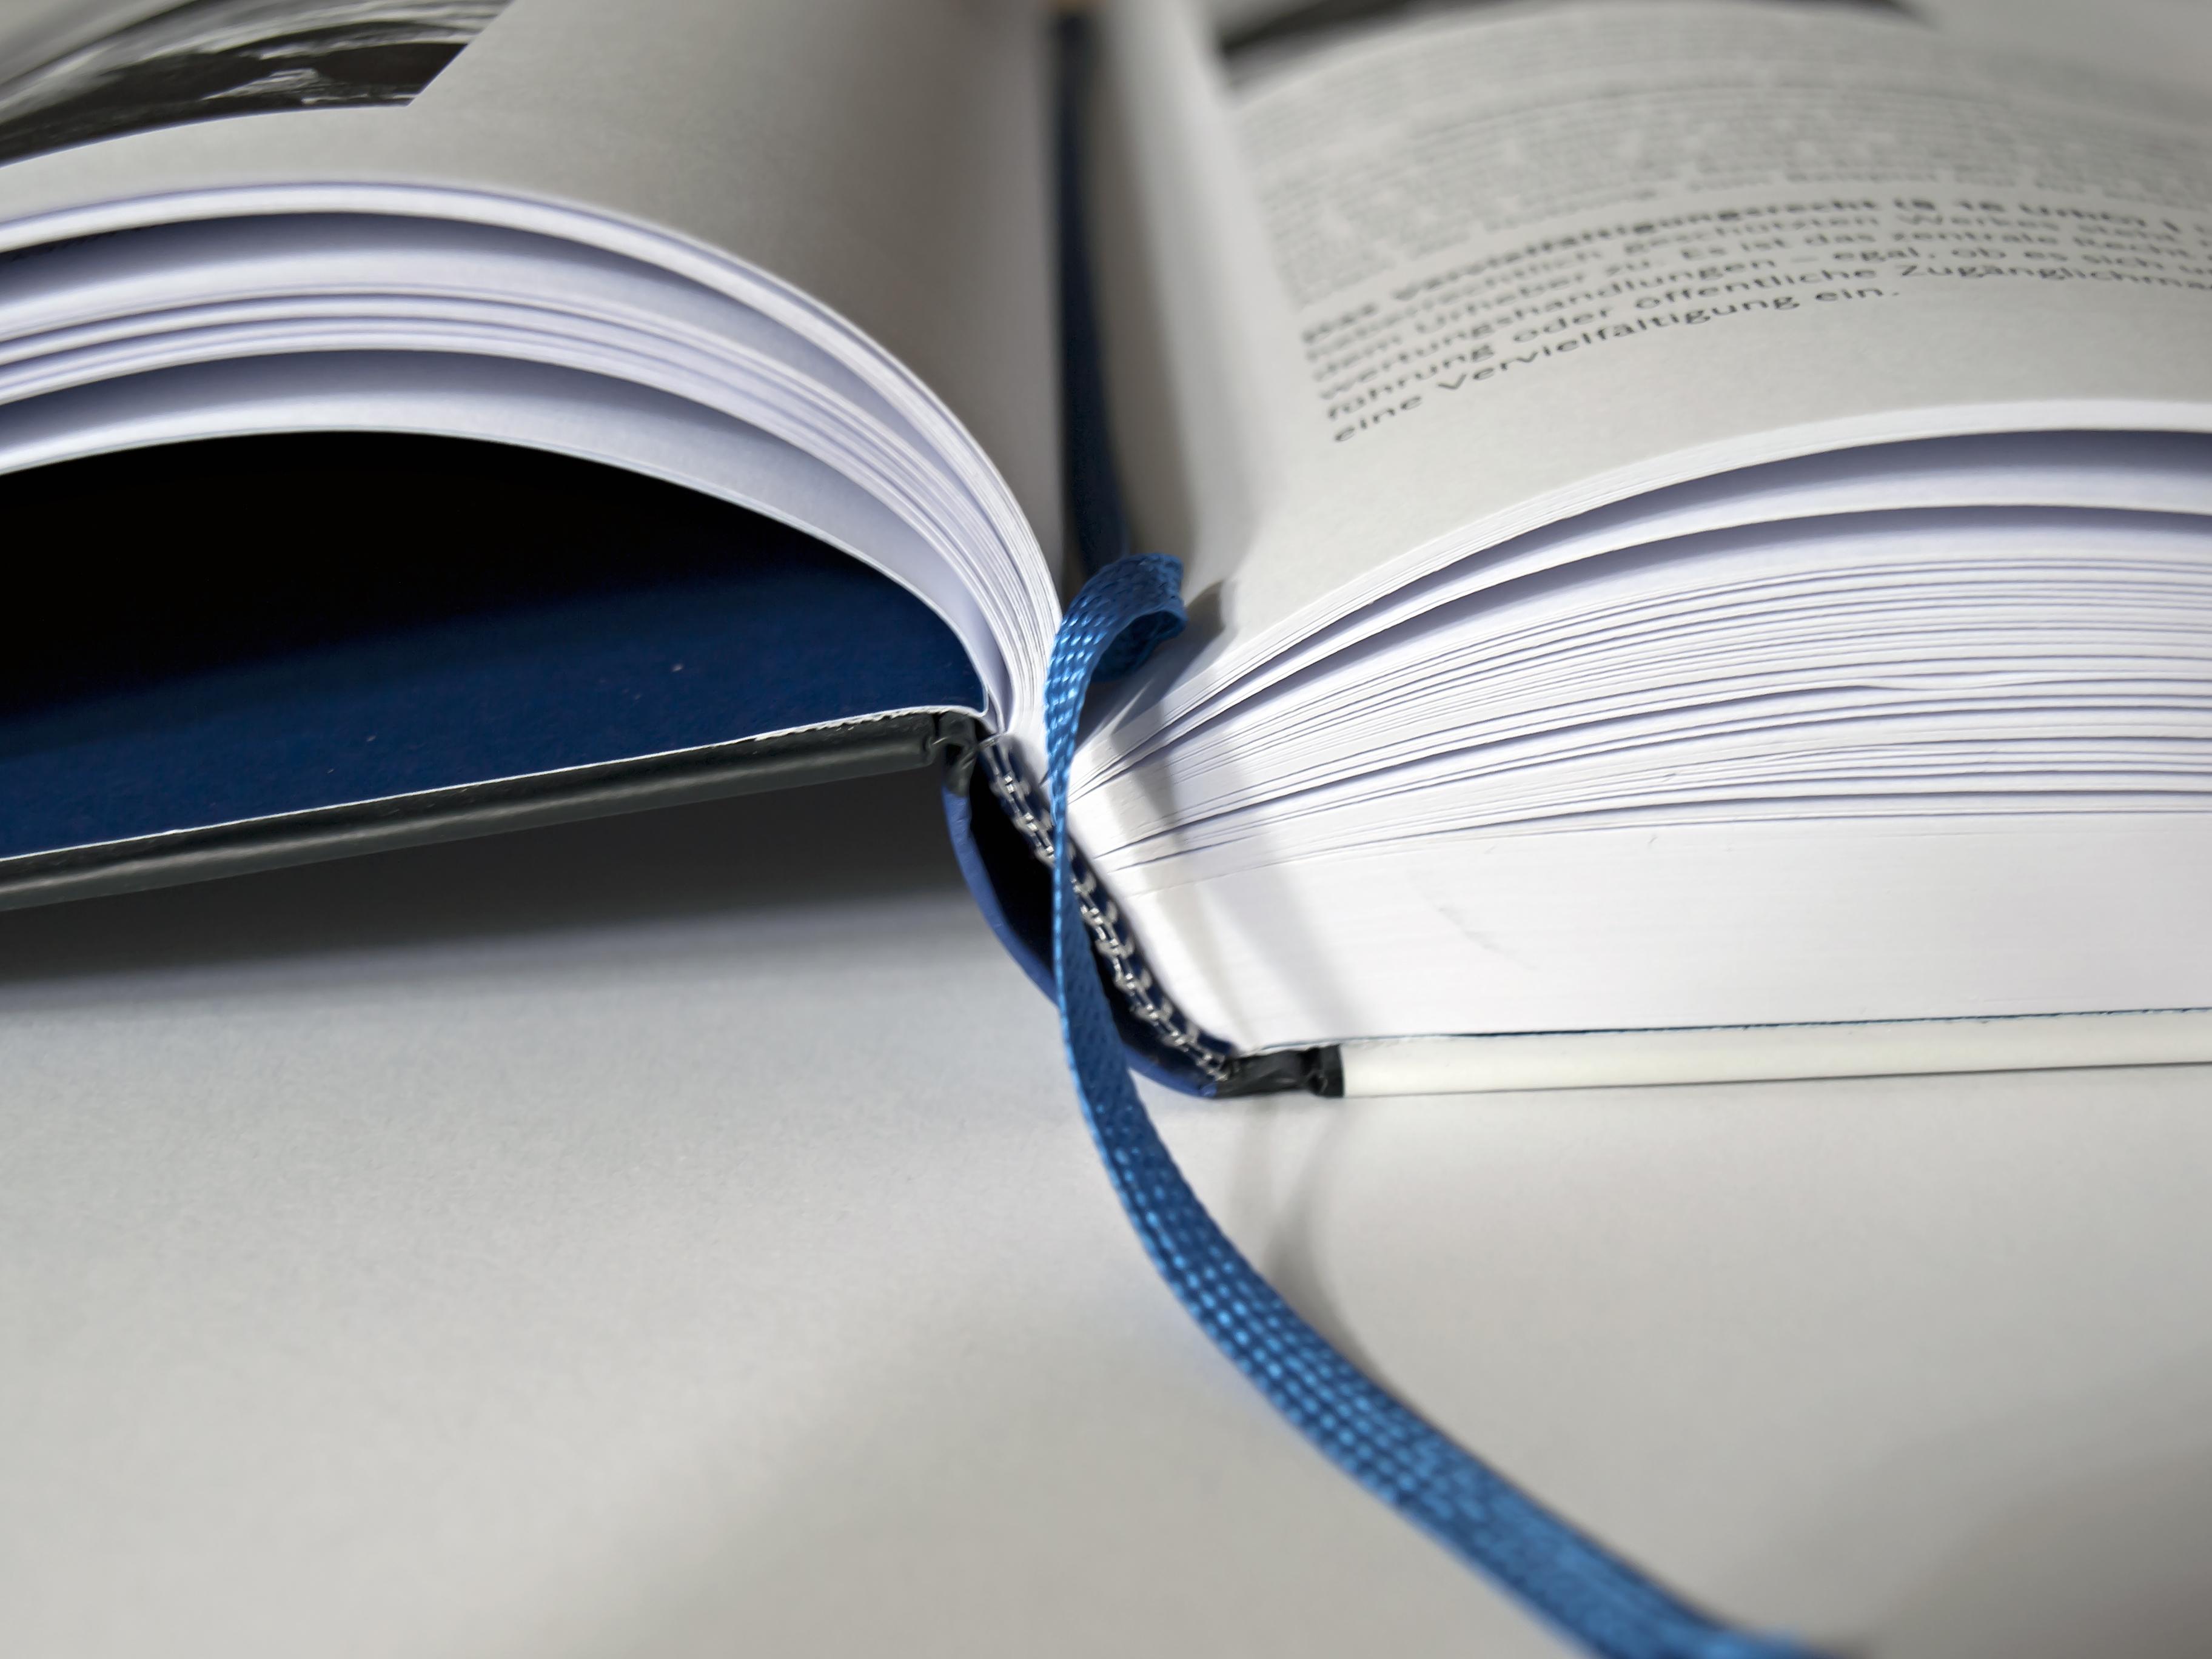 Buch mit blauem Lesebändchen